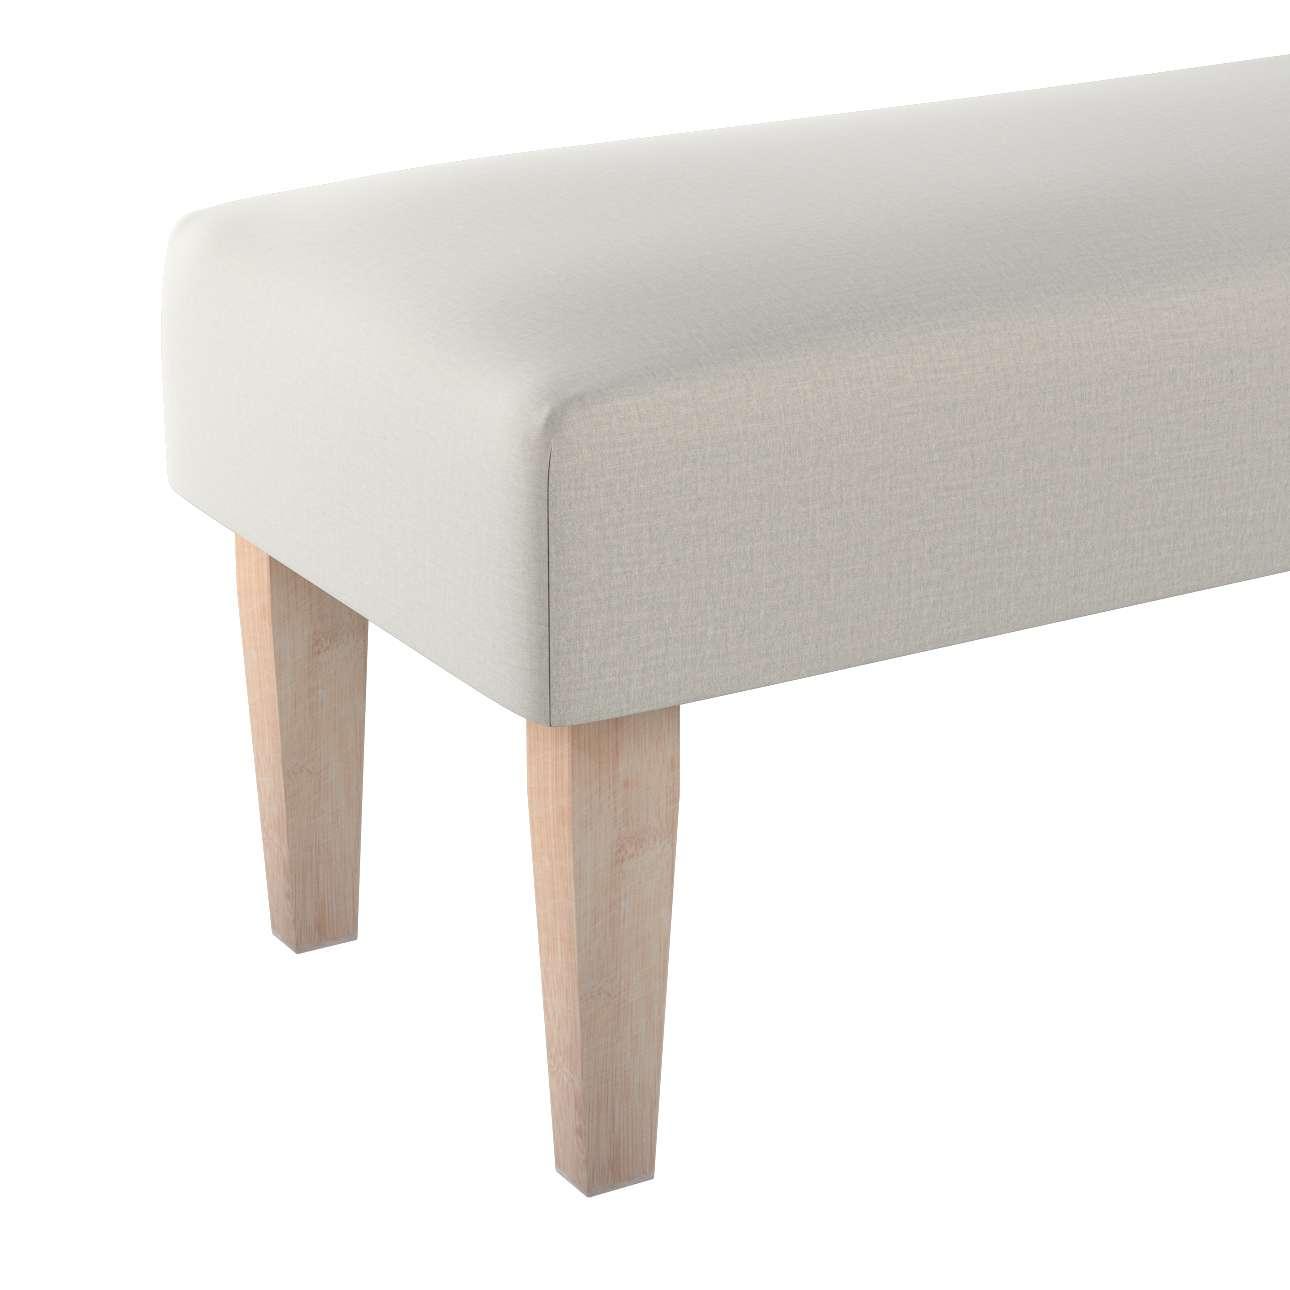 Sitzbank 100cm von der Kollektion Ingrid, Stoff: 705-40